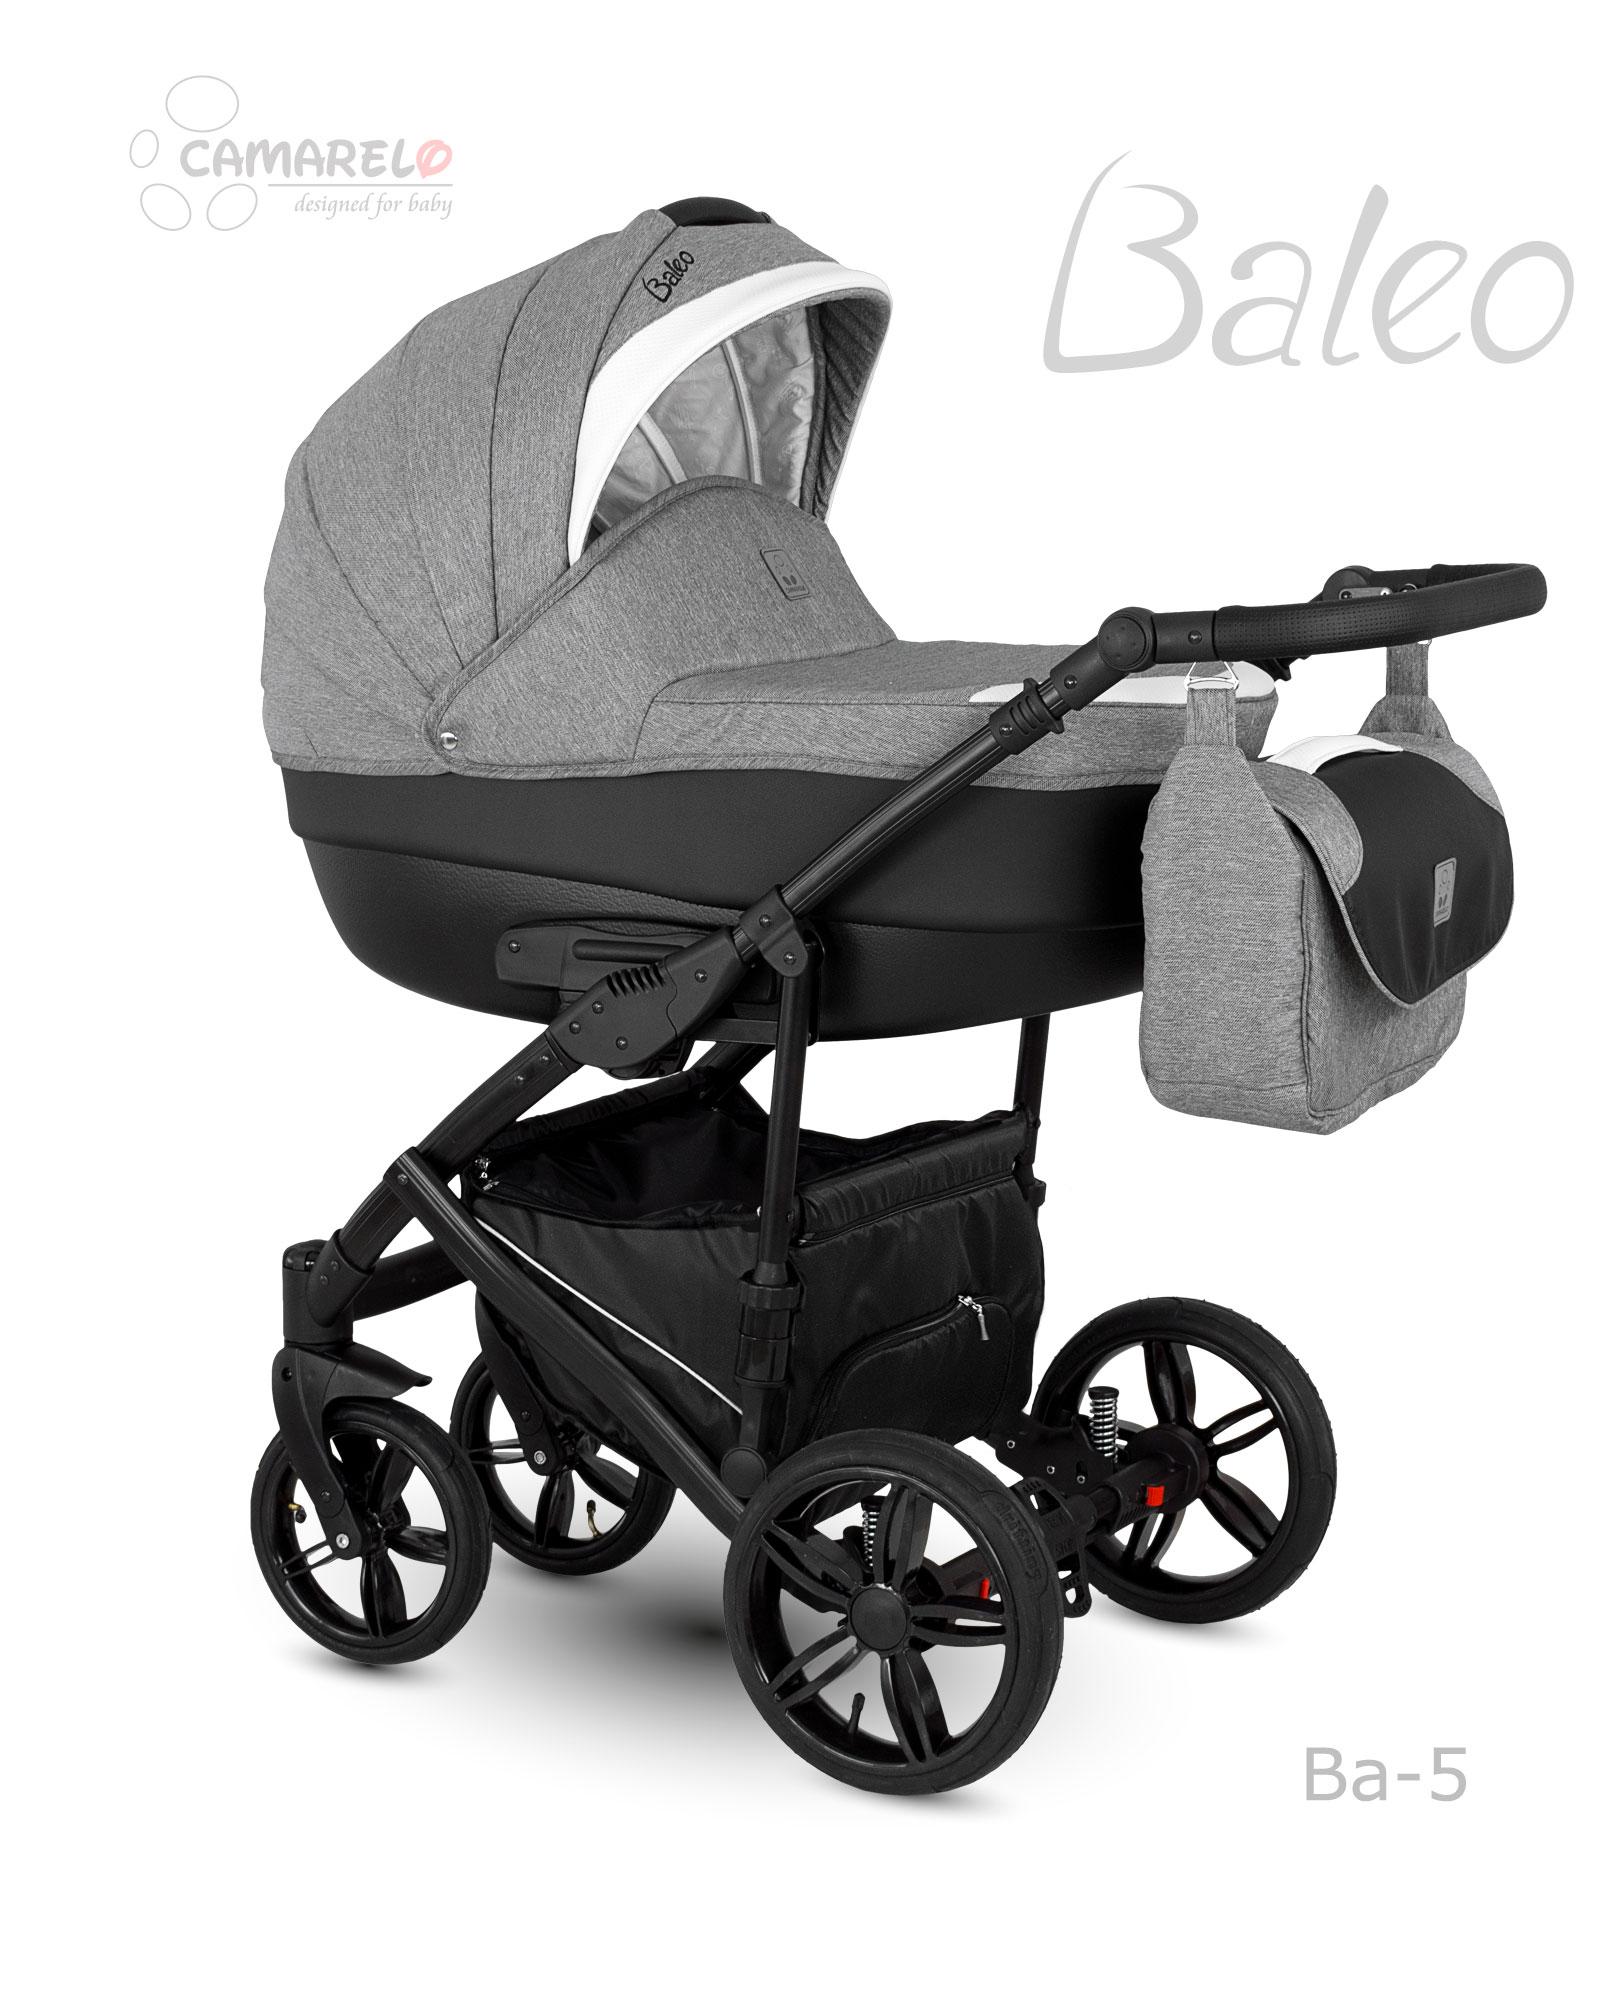 Baleo-Ba05a